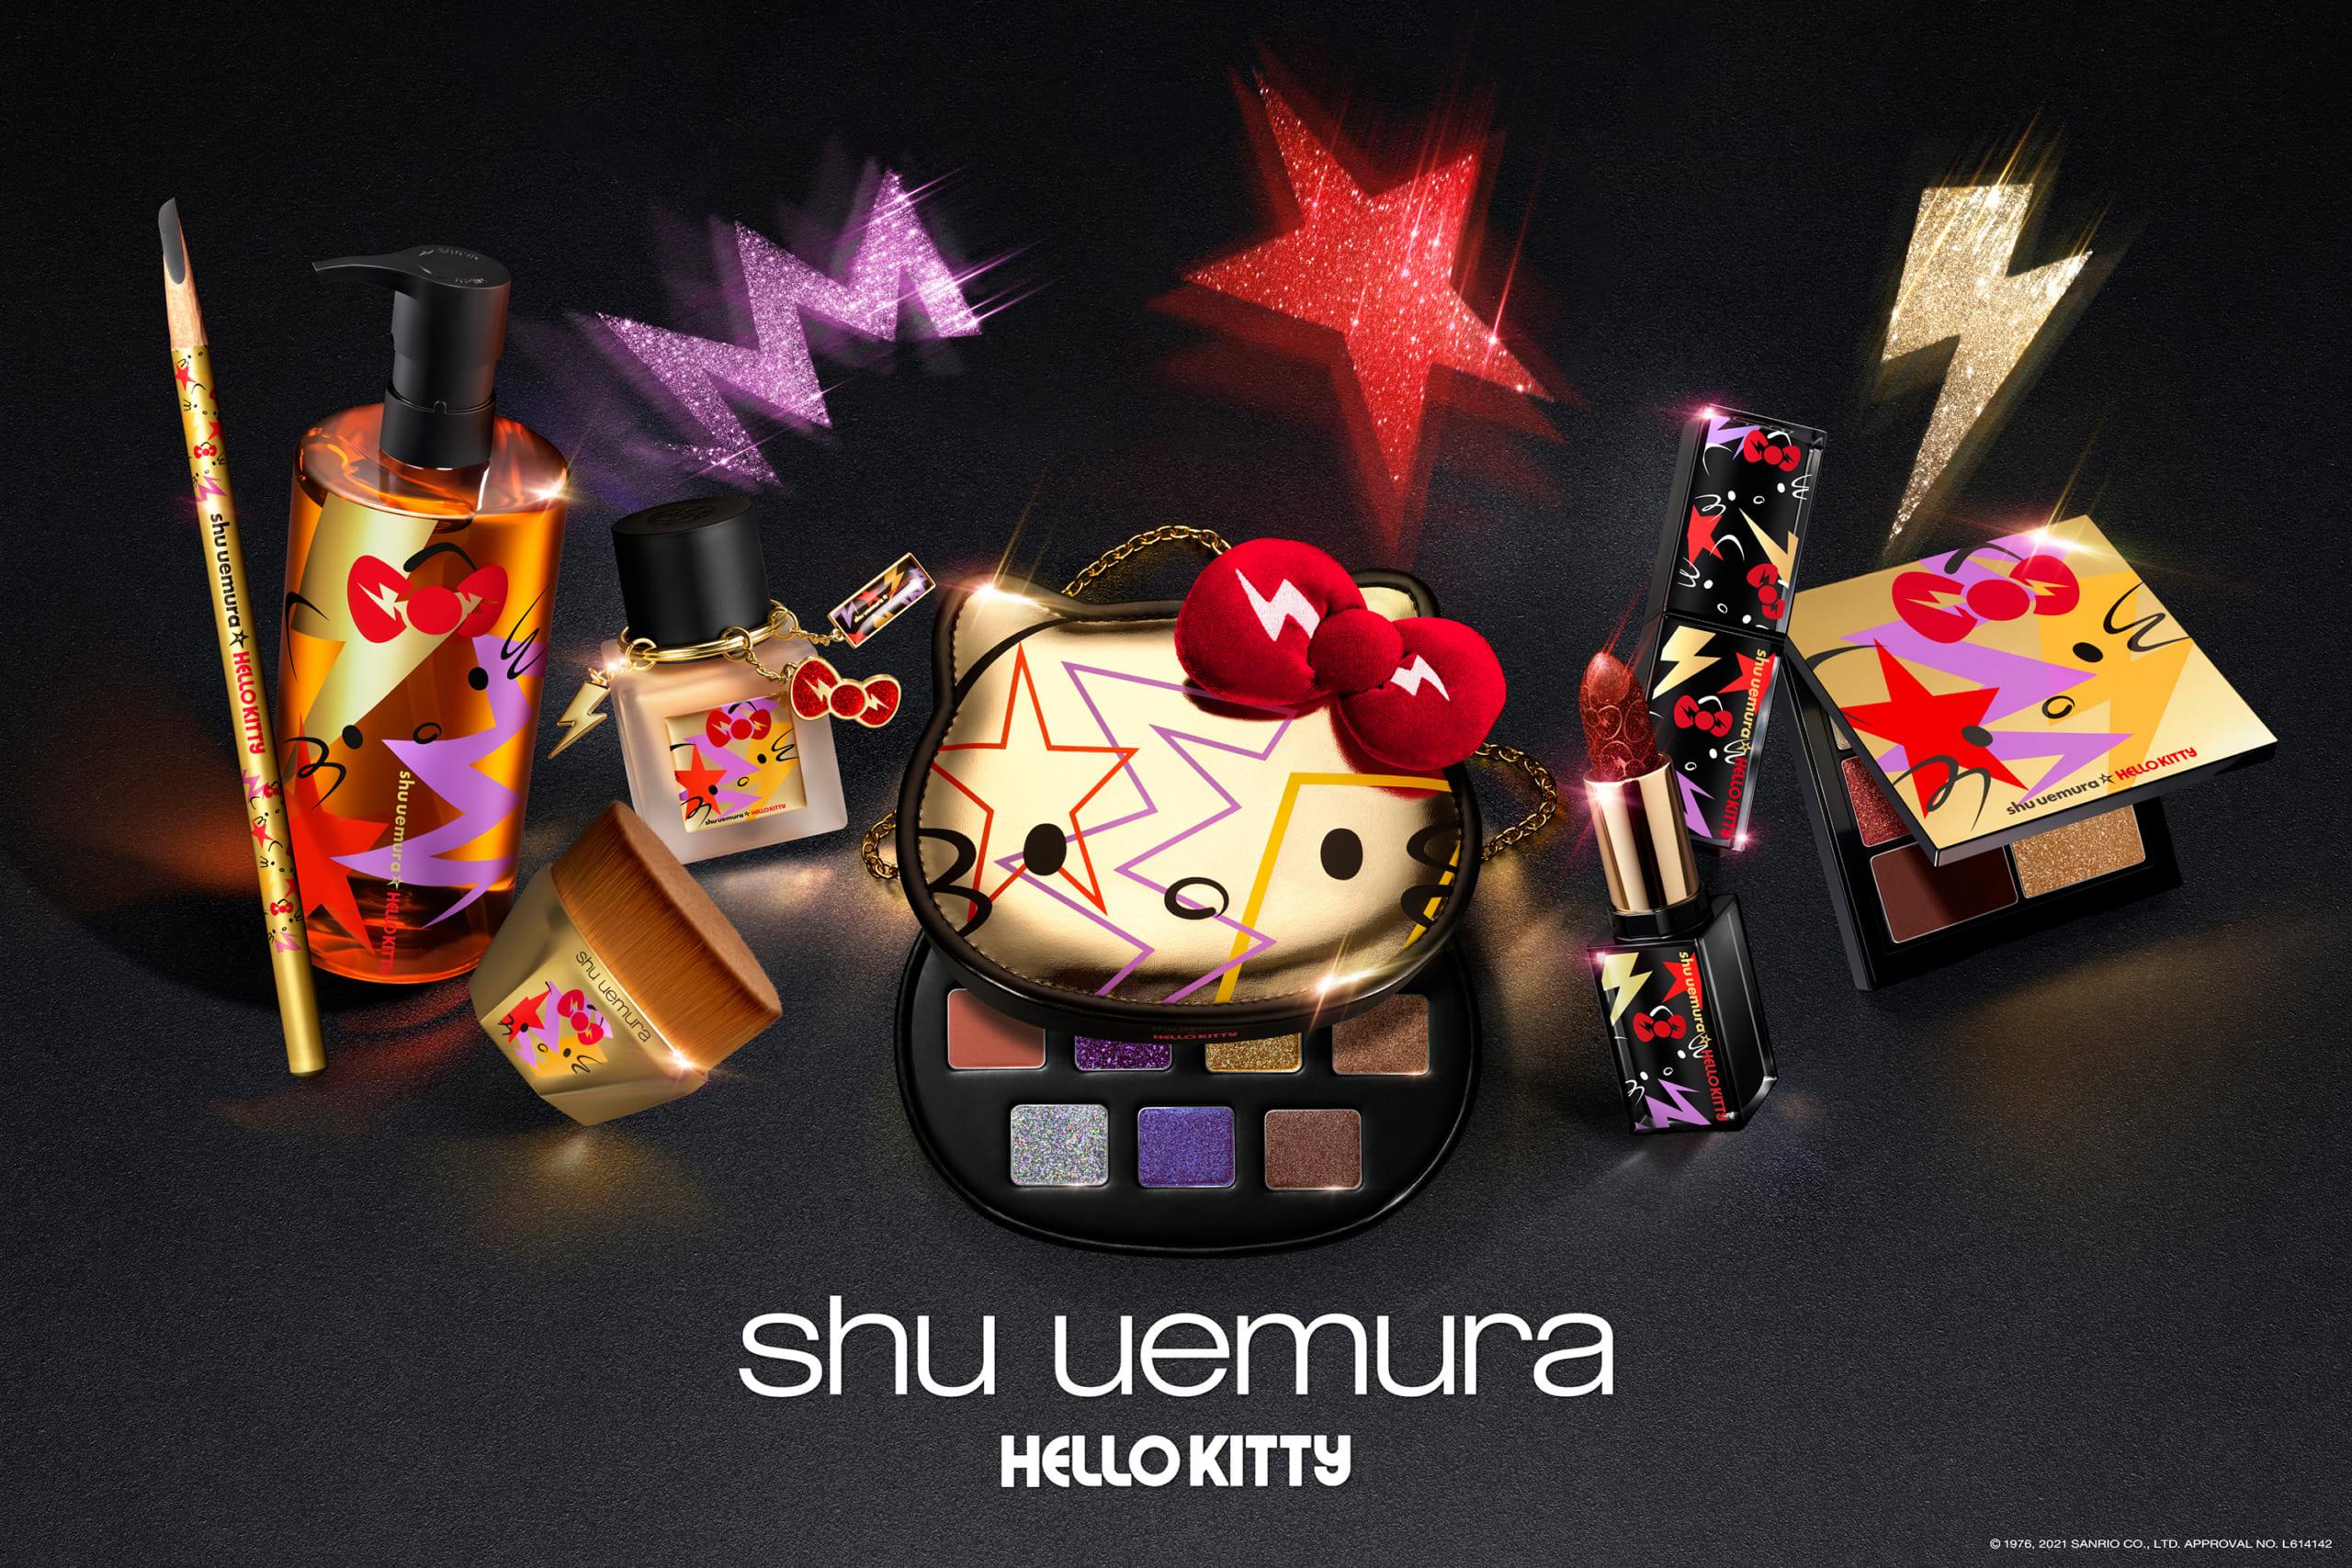 「ハローキティ×シュウ ウエムラ」2021ホリデーコレクションに心ときめく!10月15日先行販売開始